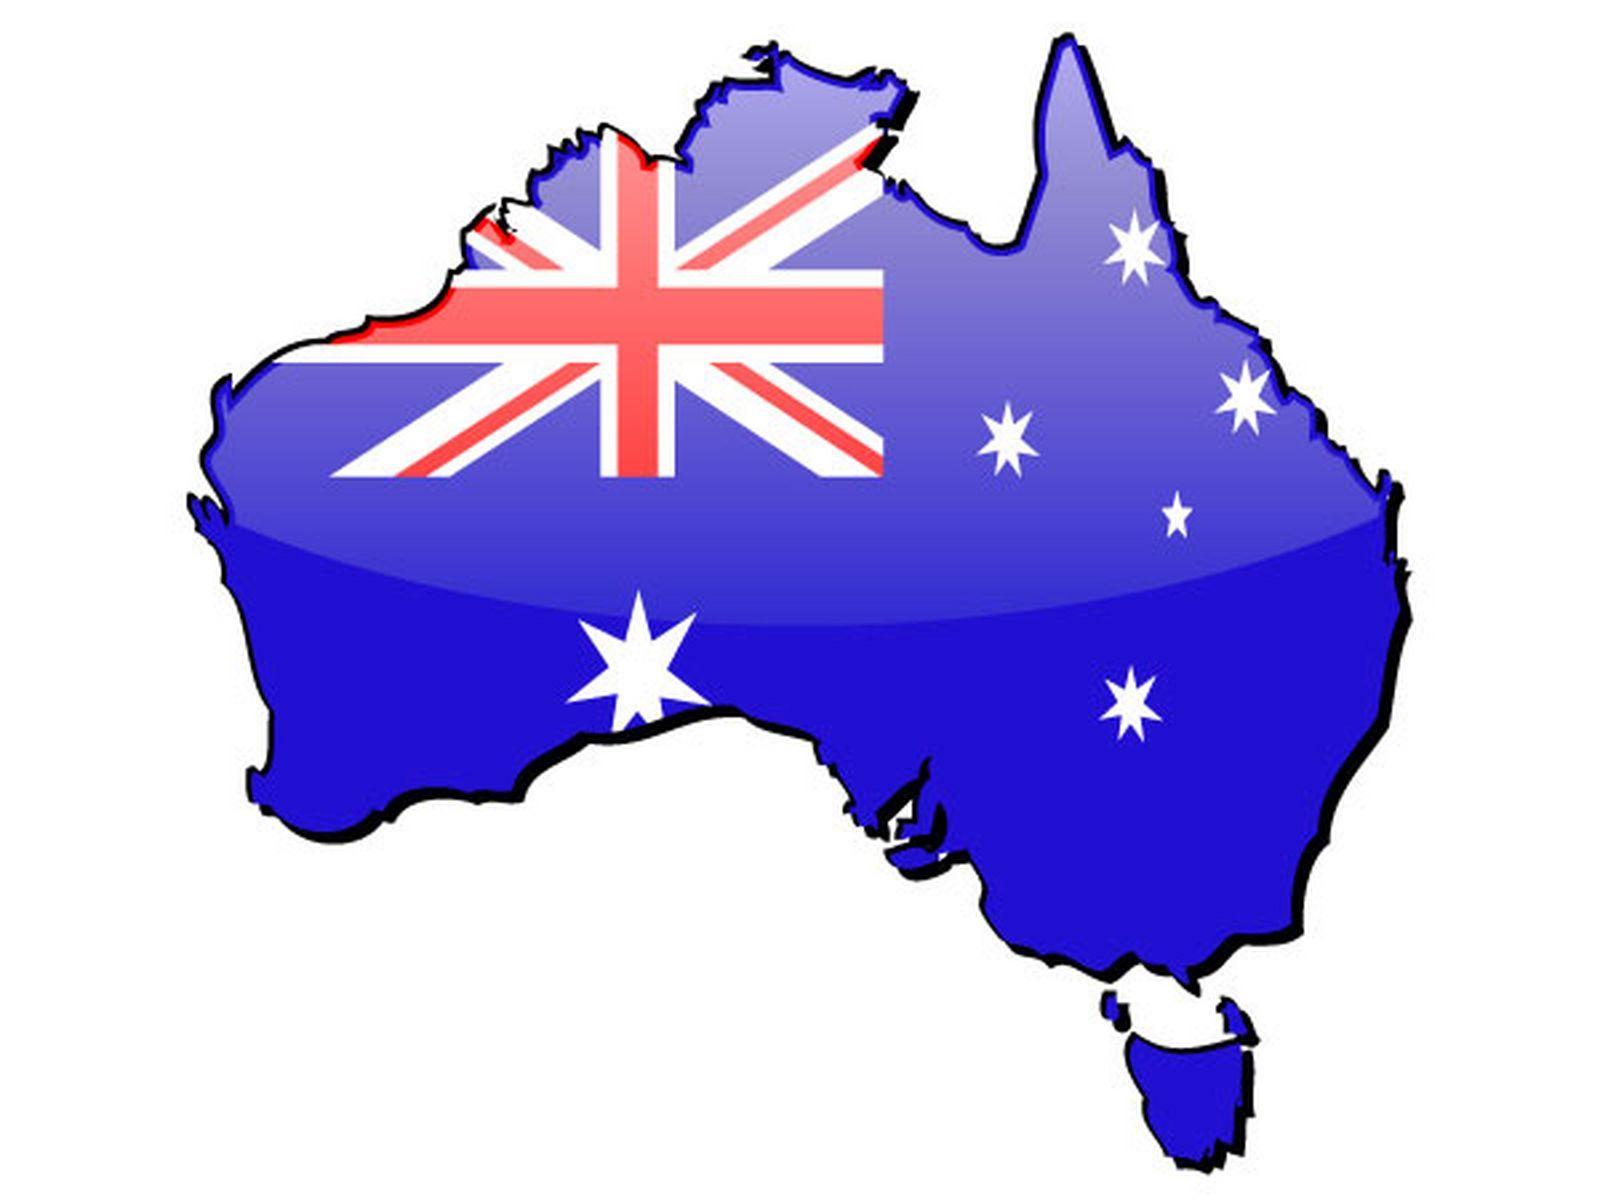 http://3.bp.blogspot.com/-LROTrTj-jN8/TgKqsbUcmYI/AAAAAAAAAJ0/2Ru6O67LhVs/s1600/australia-flag-map-wallpaper.jpg